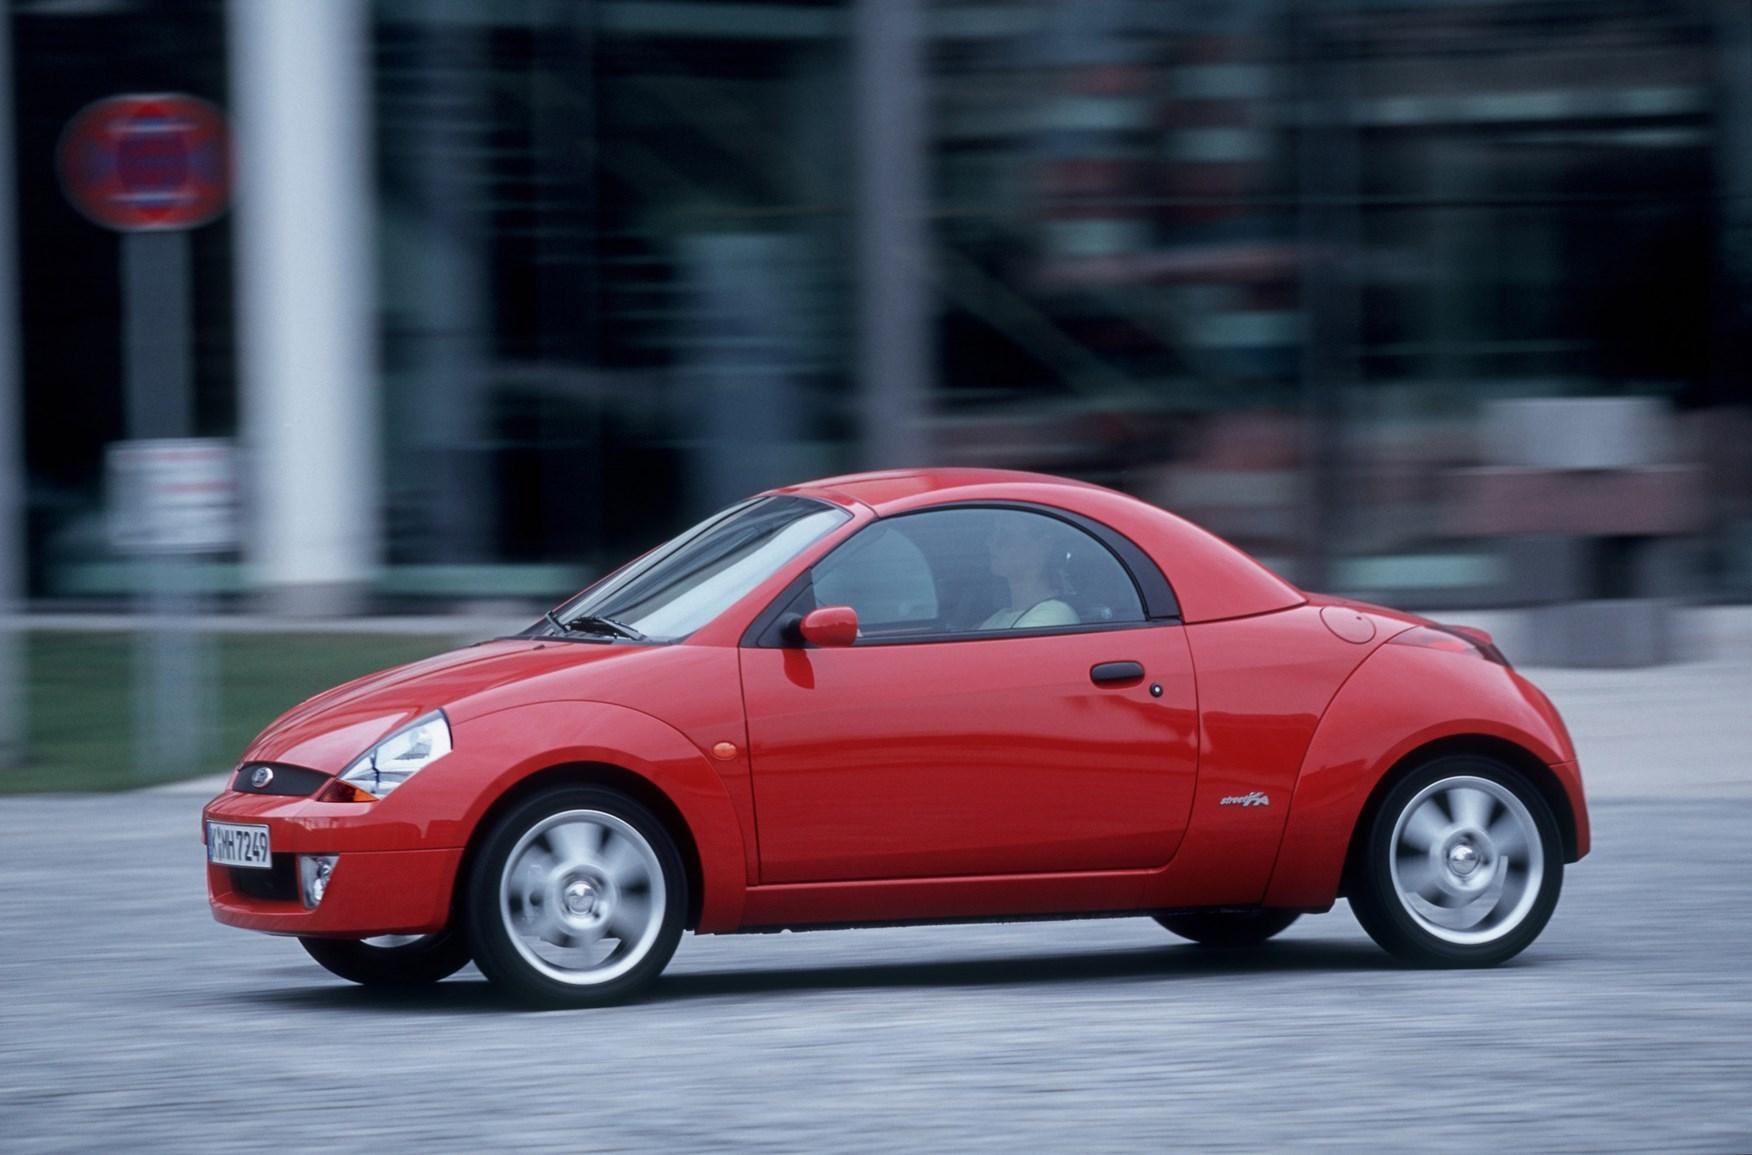 Ford streetka roadster review 2003 2006 parkers - Interior car detailing cincinnati ...